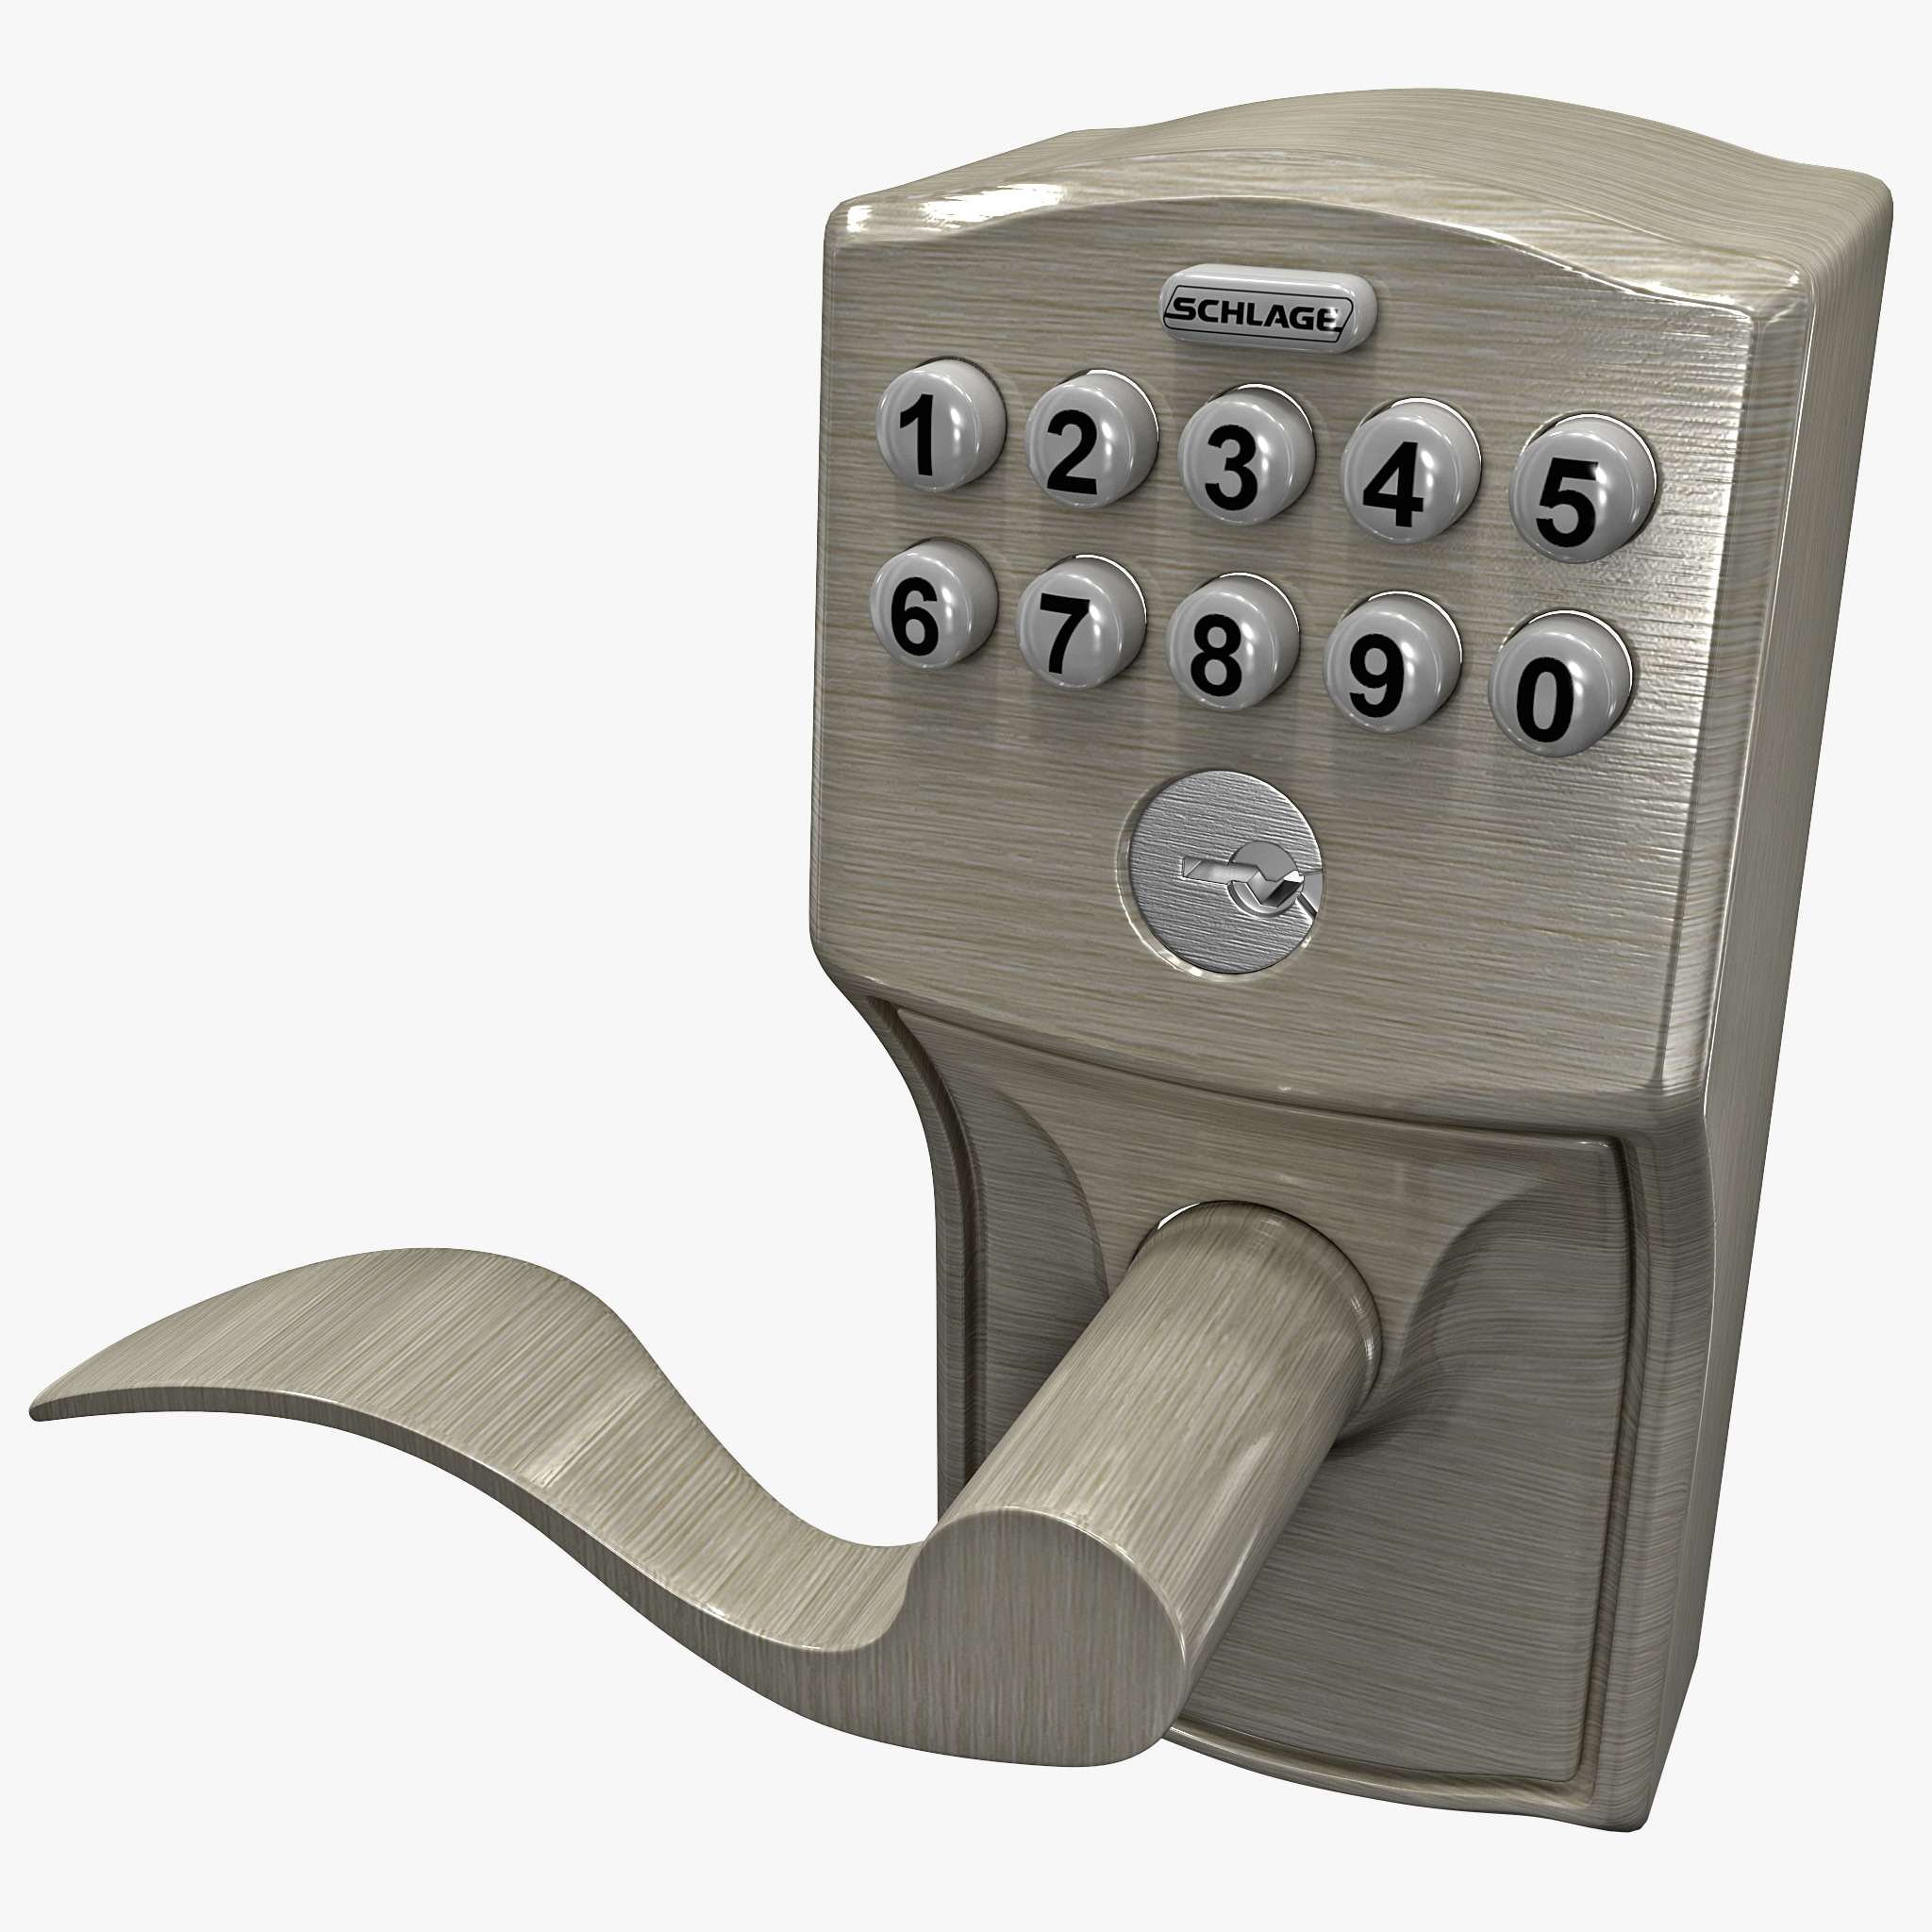 download trilogy keypad door lock manual free electronichelper. Black Bedroom Furniture Sets. Home Design Ideas